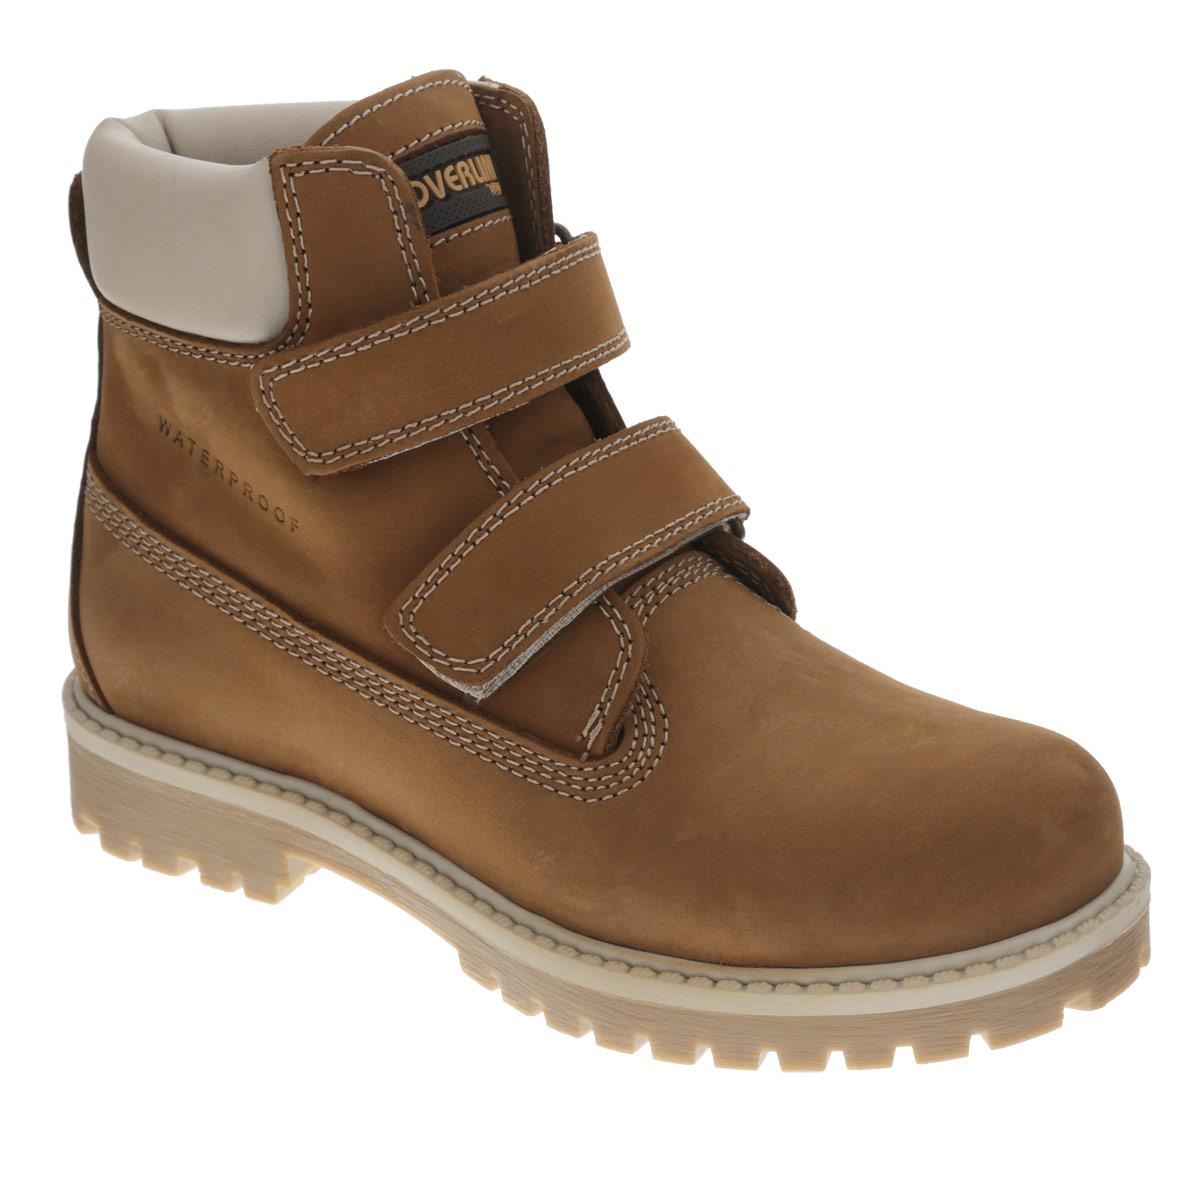 Ботинки для мальчика. 53166/54166T53166Т-1Модные ботинки от Kapika покорят вас и вашего мальчика с первого взгляда! Модель выполнена из натурального нубука с водоотталкивающей пропиткой и дополнена вставкой из натуральной кожи на голенище. Два ремешка на застежках-липучках, расположенные поверх язычка изделия, прочно зафиксируют модель на ноге. Ярлычок на заднике облегчает надевание обуви. Антибактериальная стелька эффективно поглощает запахи и влагу, снижает утомляемость ног при длительных физических нагрузках. Супинатор на стельке предотвращает развитие плоскостопия. Каблук и подошва с протектором гарантируют идеальное сцепление с любыми поверхностями. Удобные ботинки - необходимая вещь в гардеробе каждого ребенка.